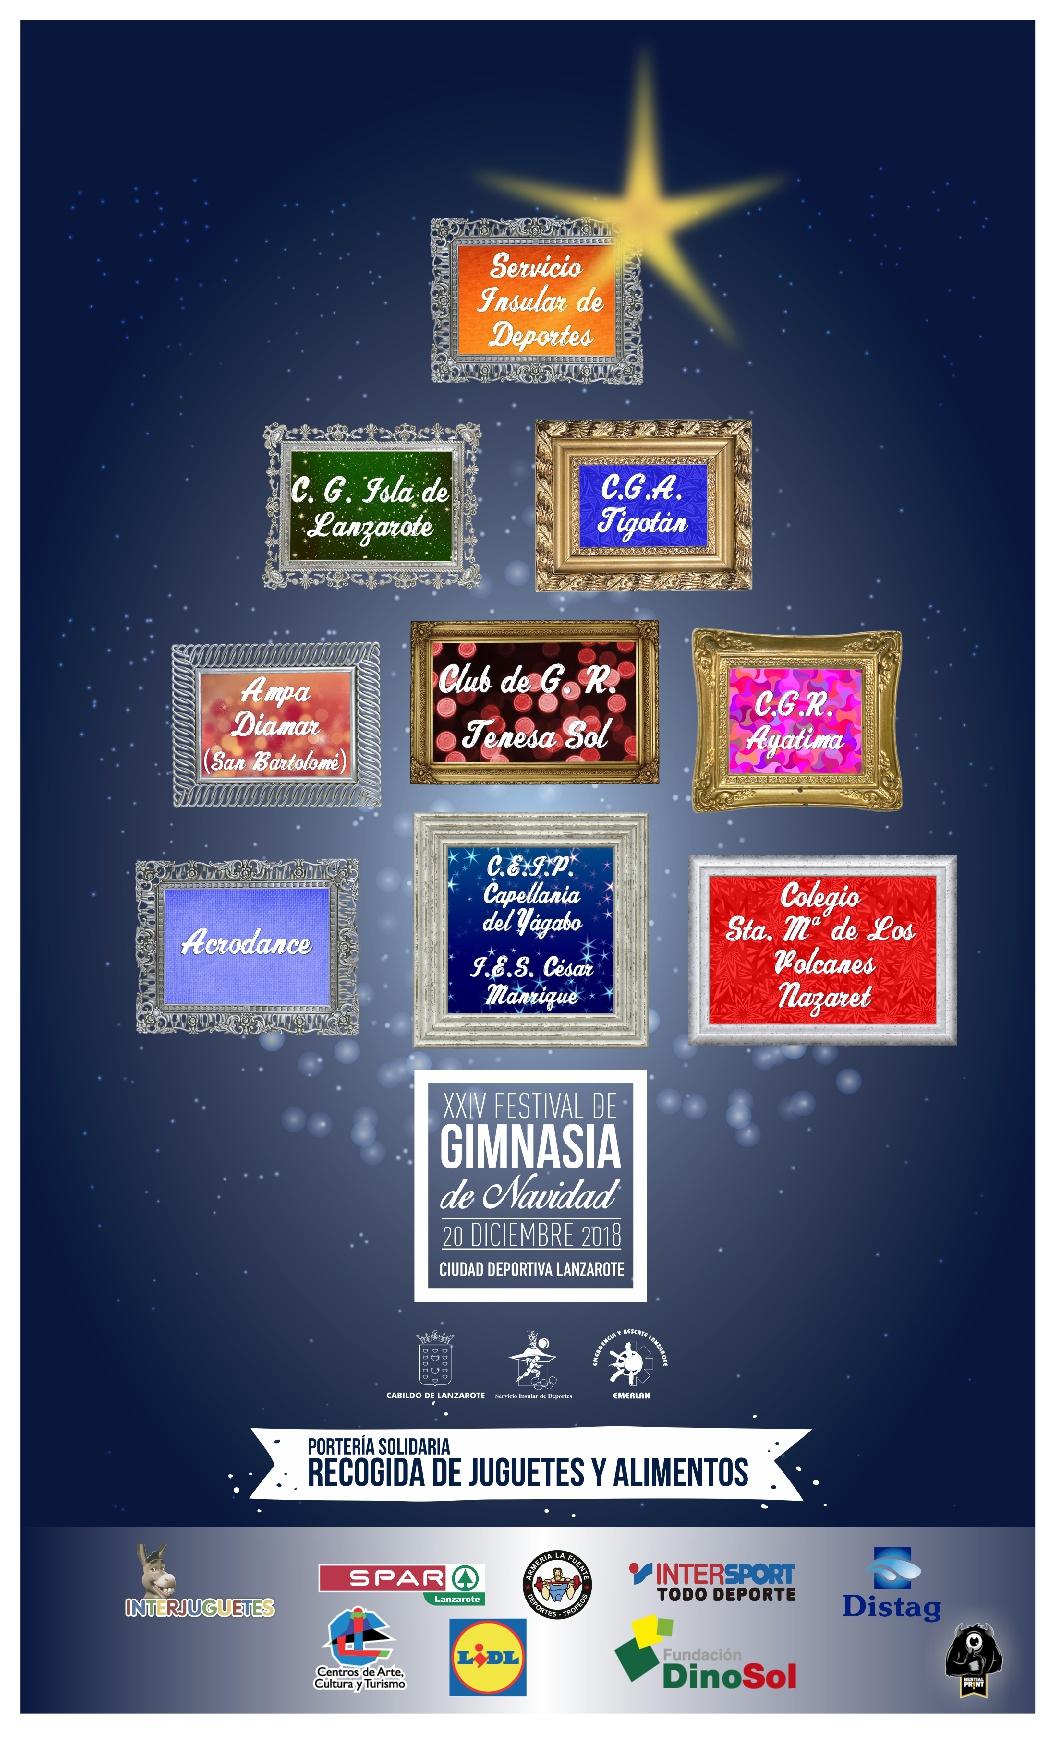 La Ciudad Deportiva Lanzarote acoge este jueves el XXIV Festival de Gimnasia de Navidad, organizado por el Cabildo